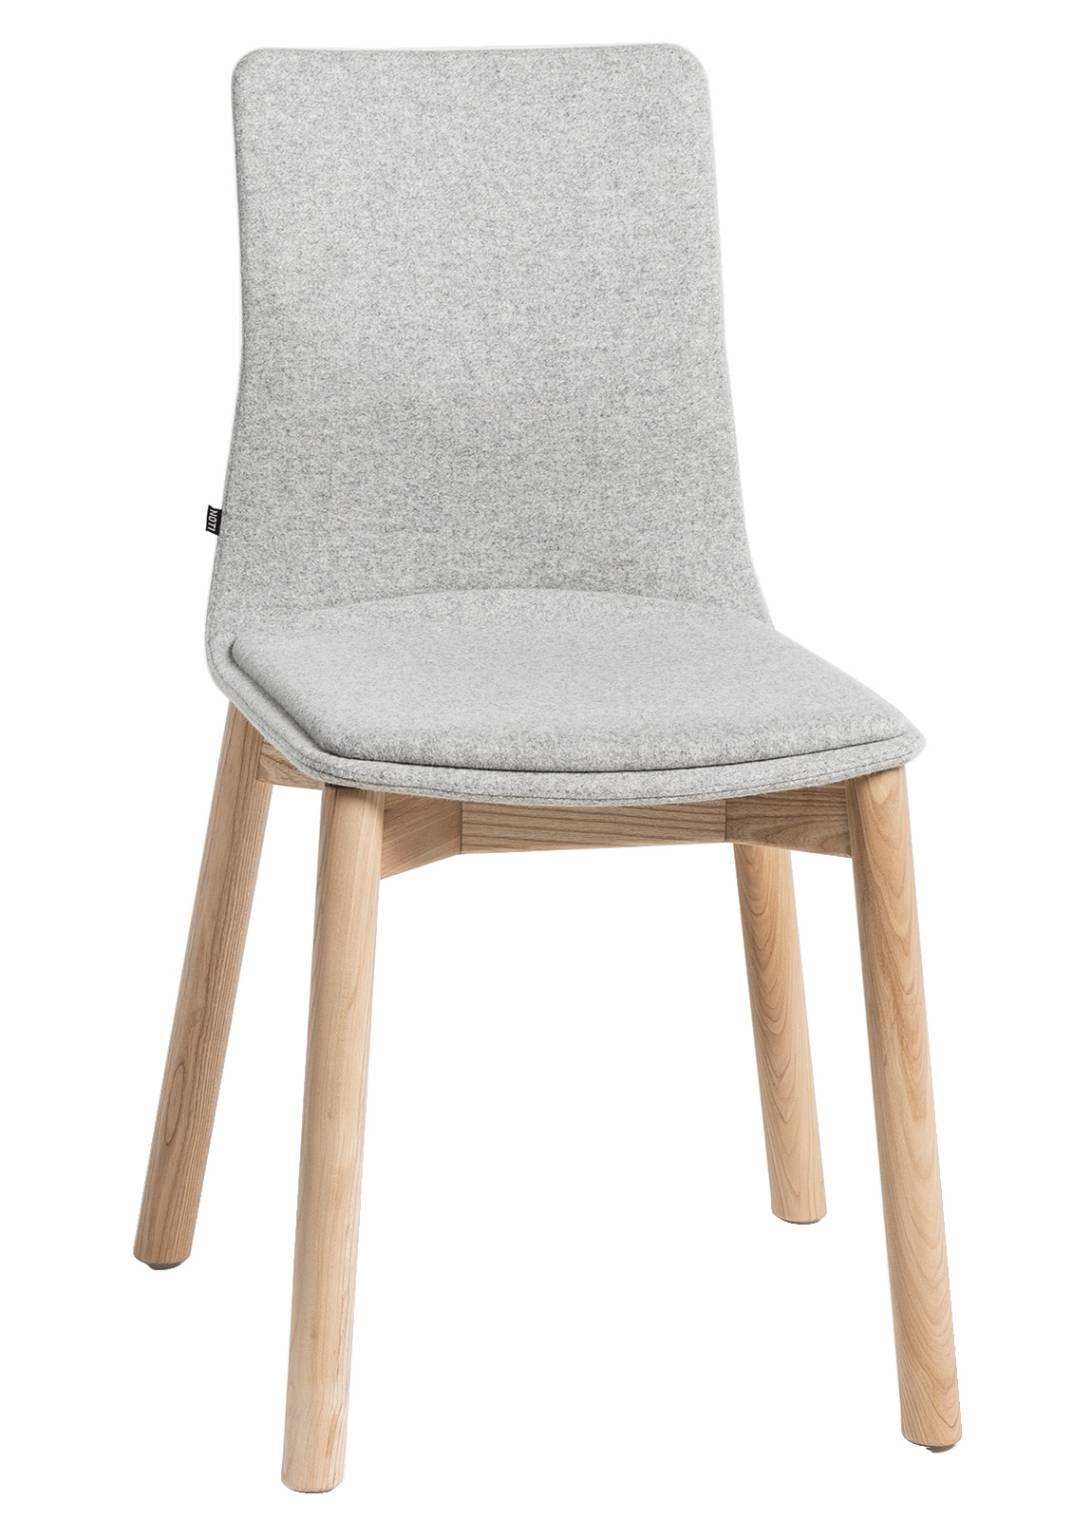 Linar Plus Vollpolster Stuhl